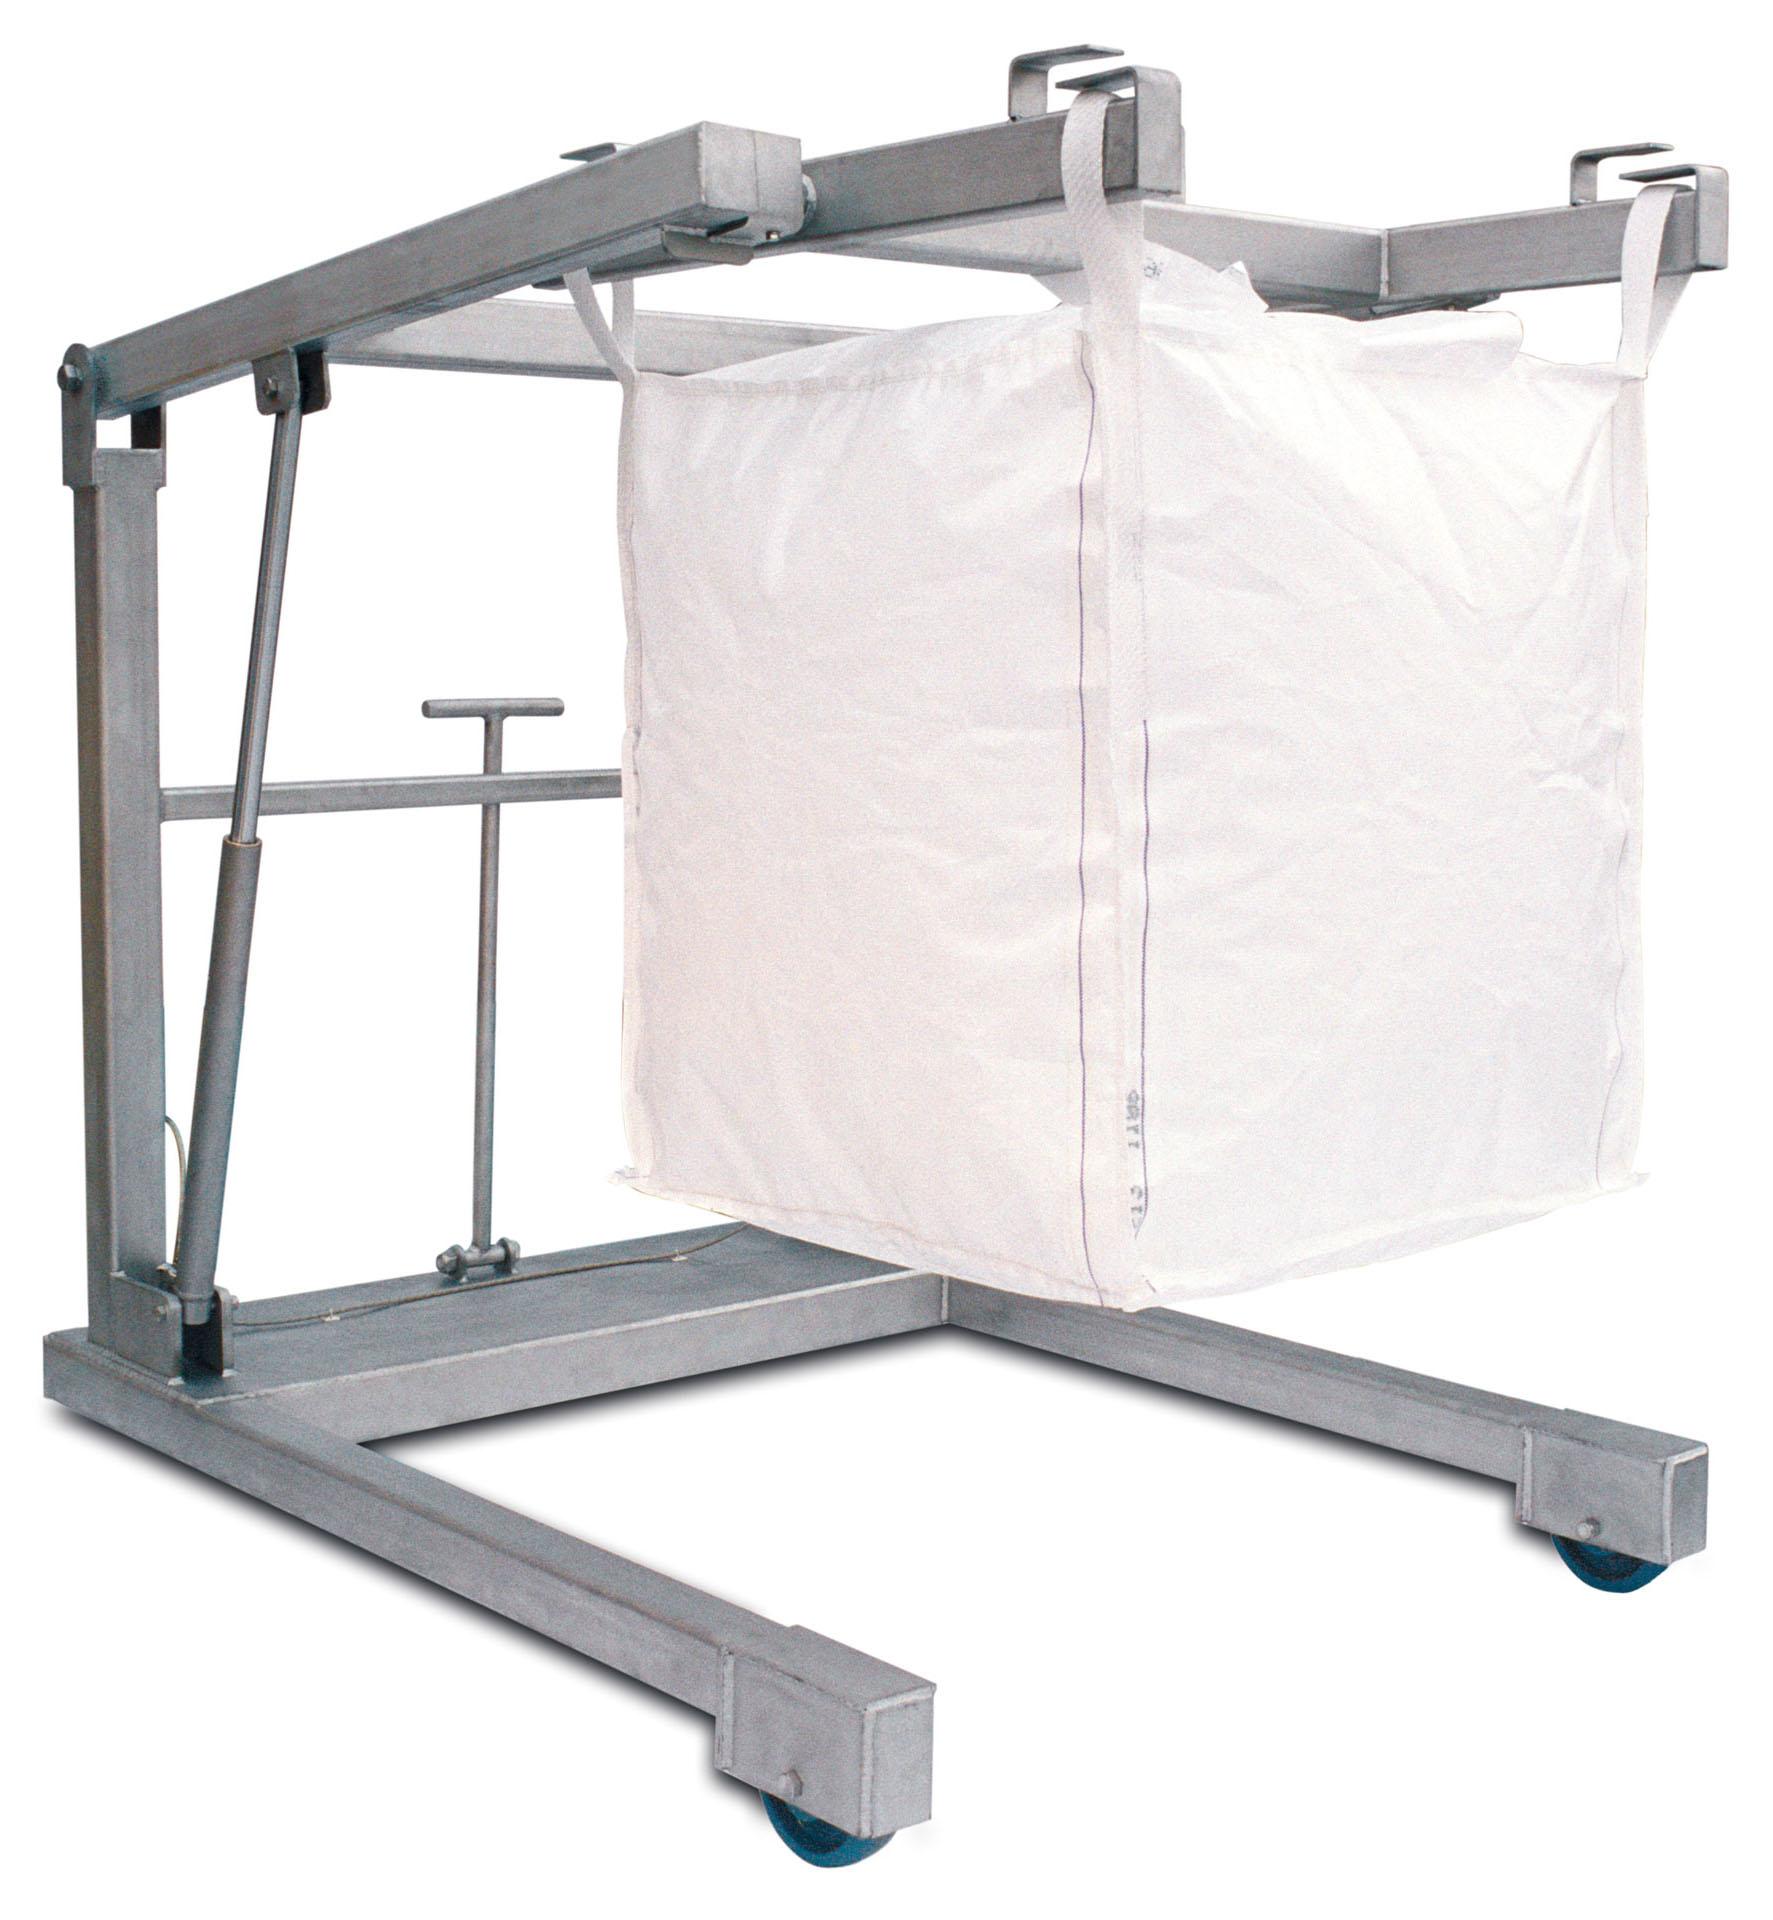 Stainless Steel Bulk Bag Carrier – Unloader